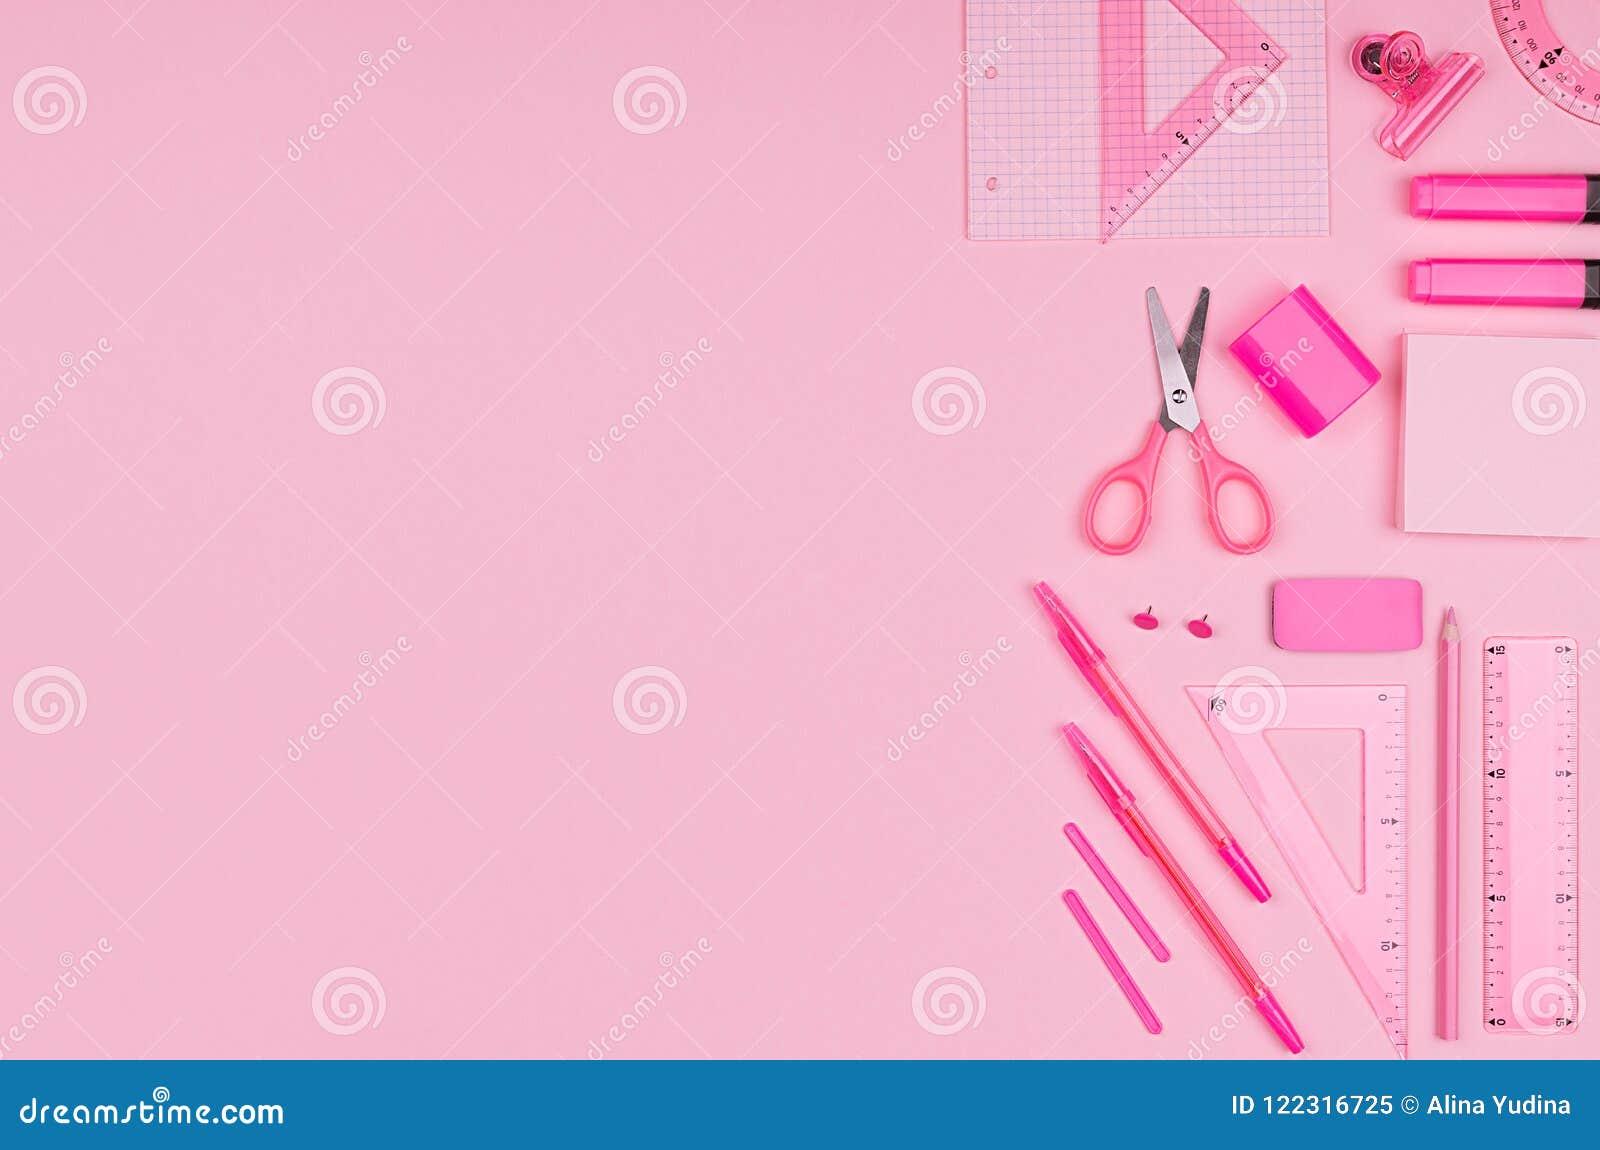 Ρόδινα χαρτικά γραφείων χρώματος κρητιδογραφιών που τίθενται στο ρόδινο υπόβαθρο, τέχνη έννοιας για τη διαφήμιση, επιχείρηση, σχέ